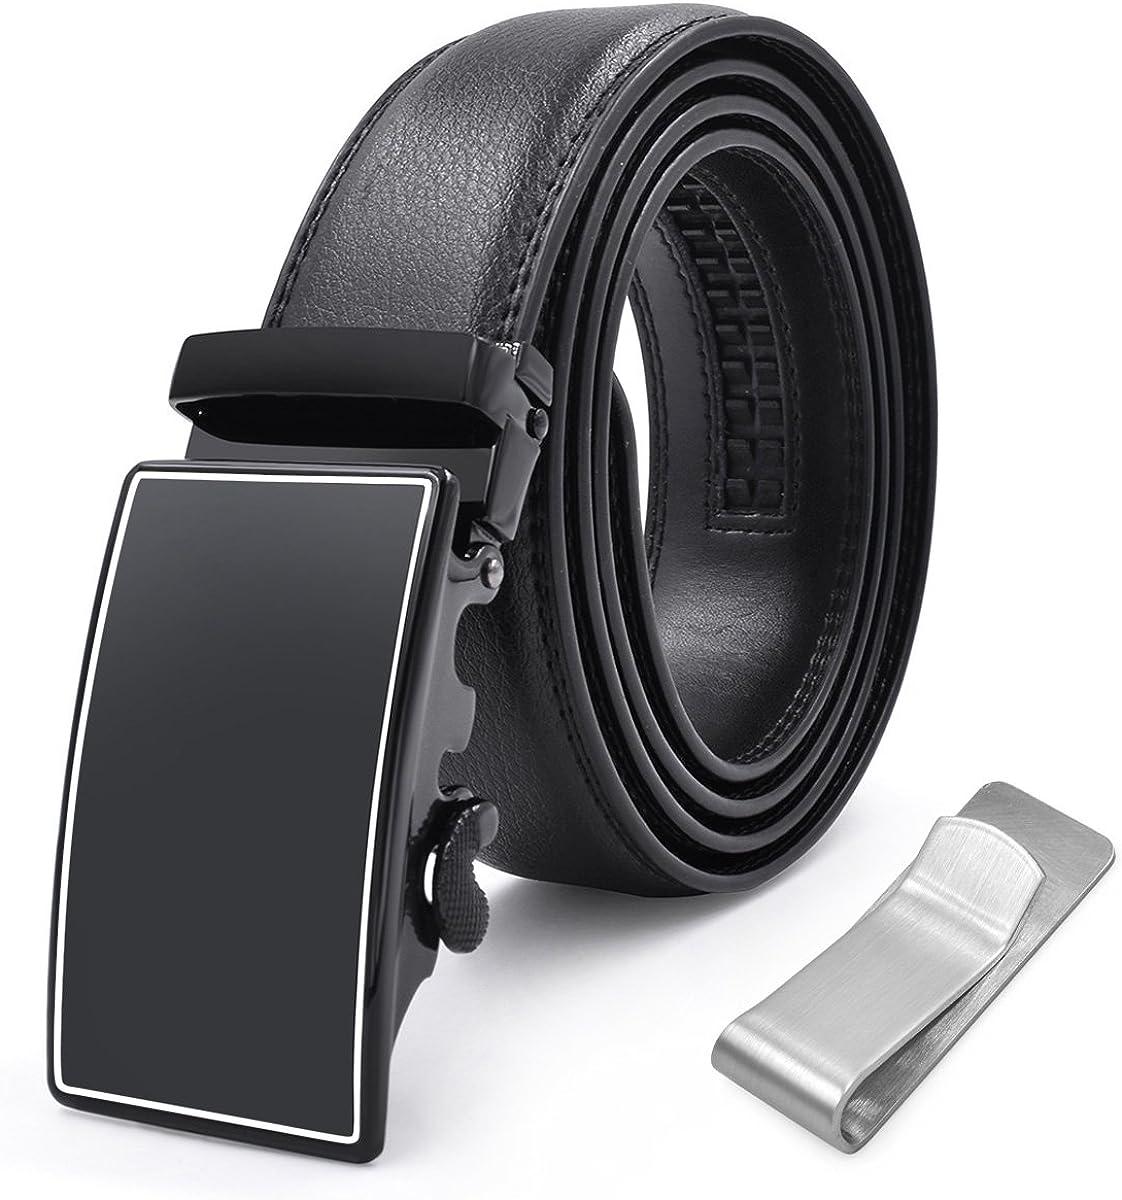 Mens Belt Leather Fashion Belts Automatic Sliding Ratchet Adjustable Black Belt